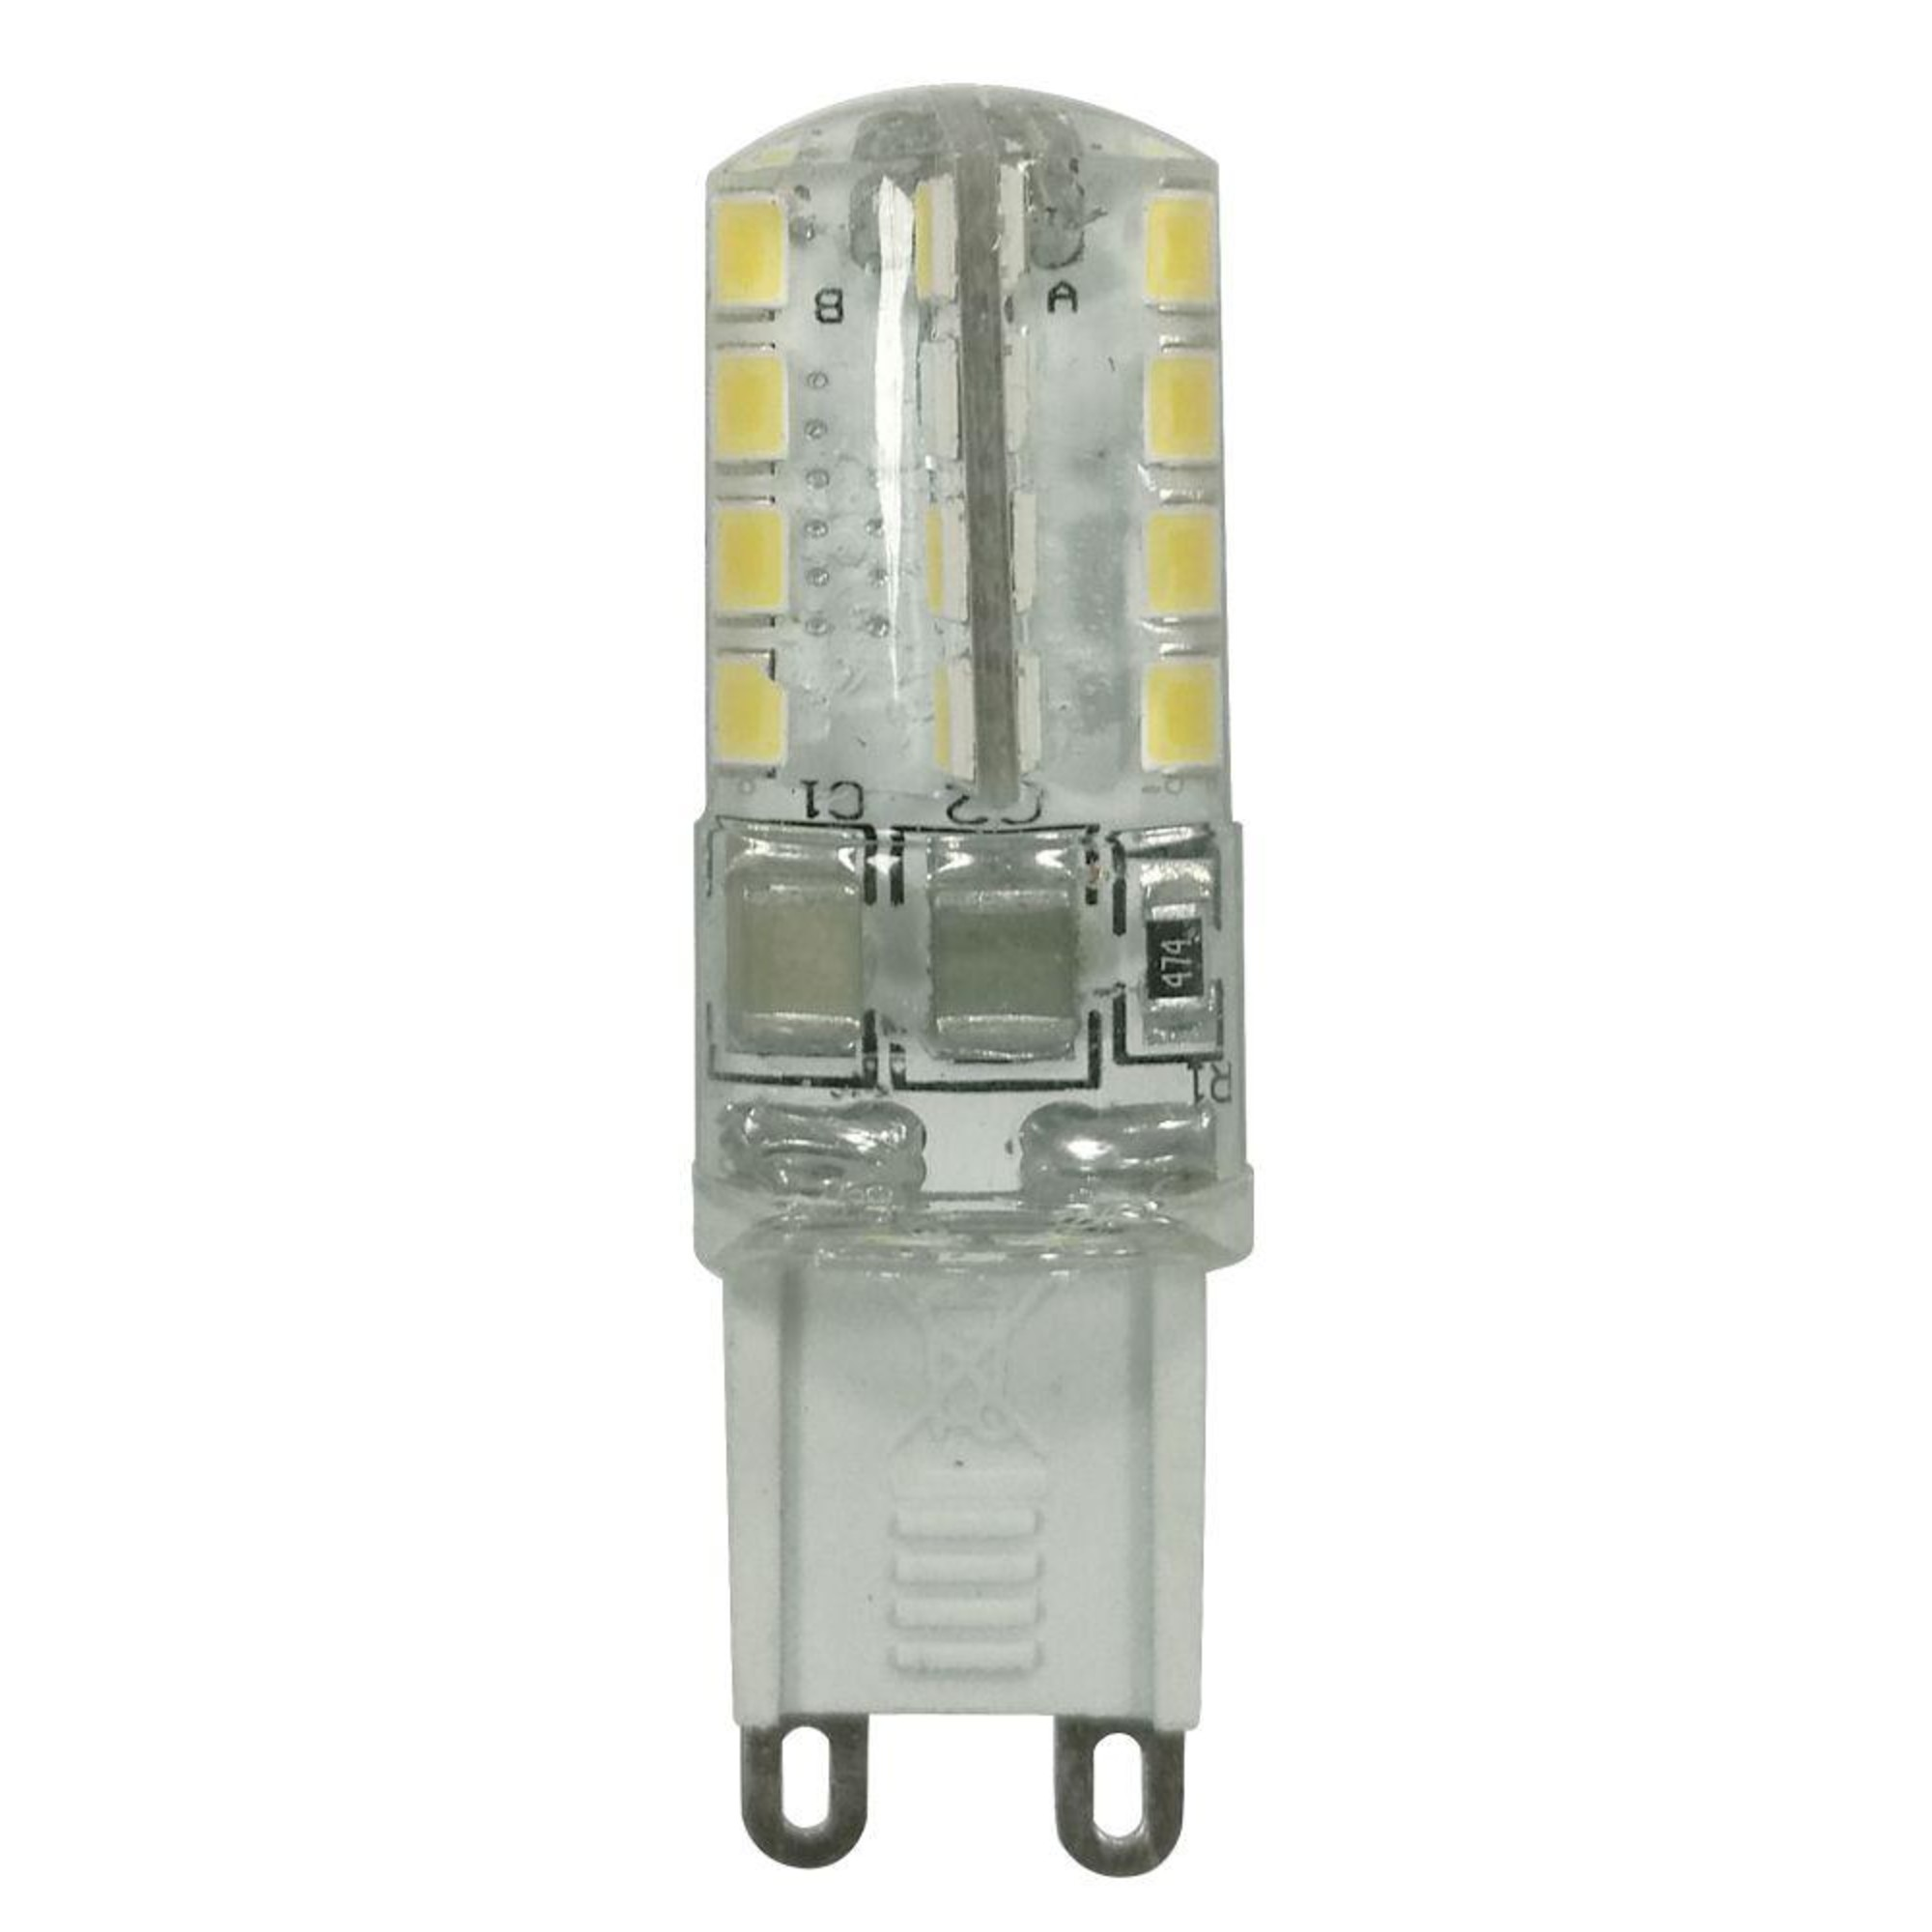 Лампа Ecola стандарт светодионая G9 3 Вт капсула 240 Лм нейтральный свет